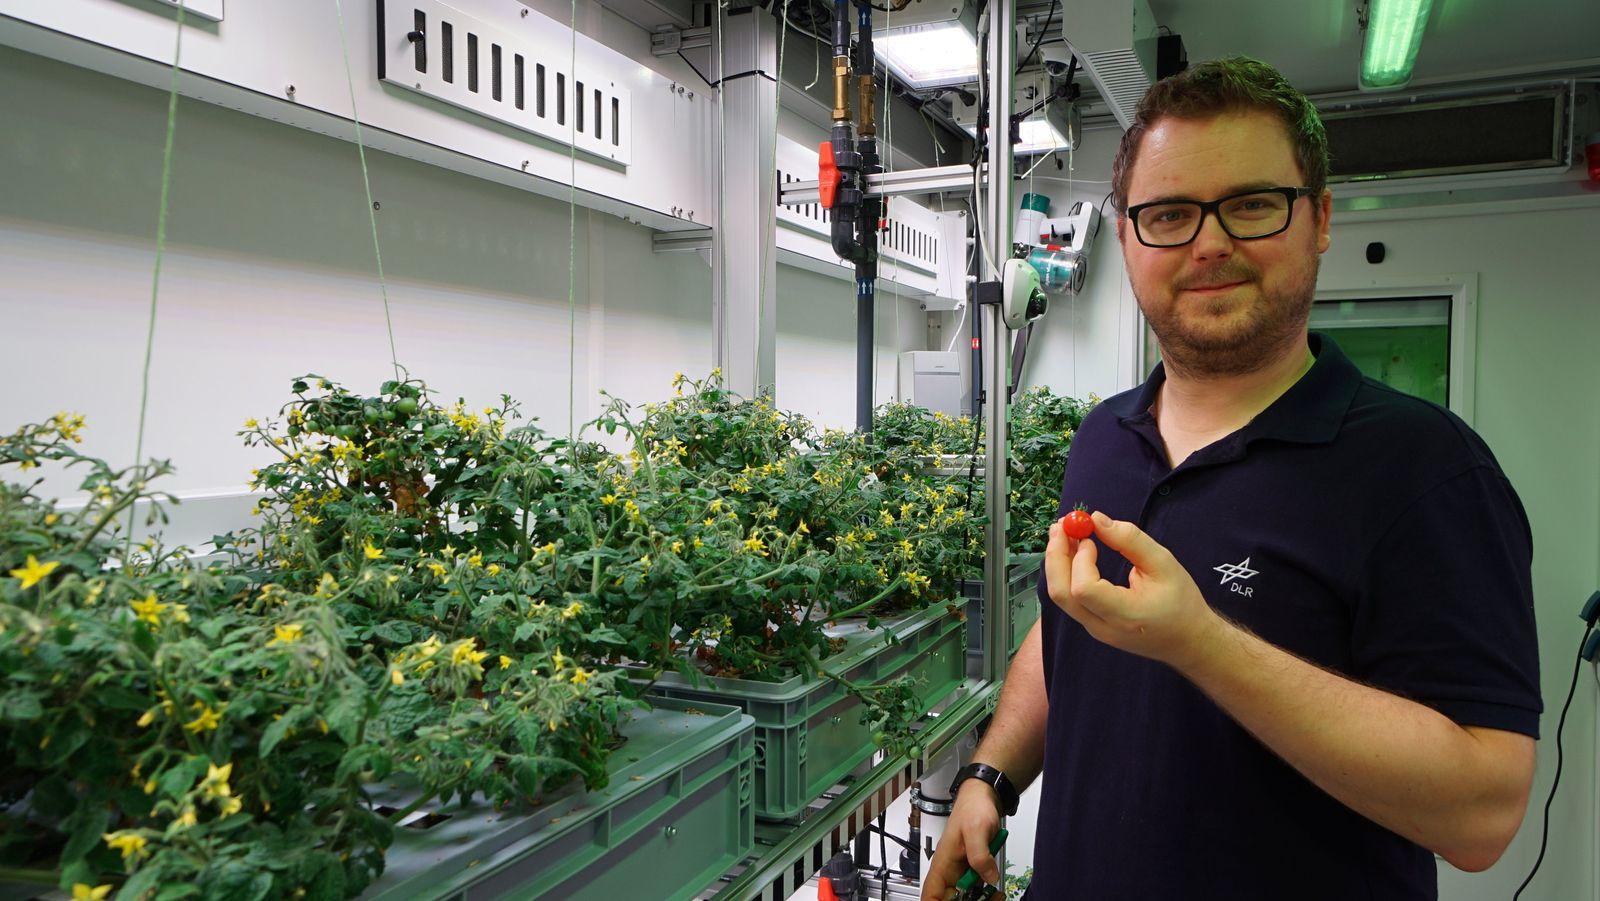 Gemüse im Antarktis-Gewächshaus